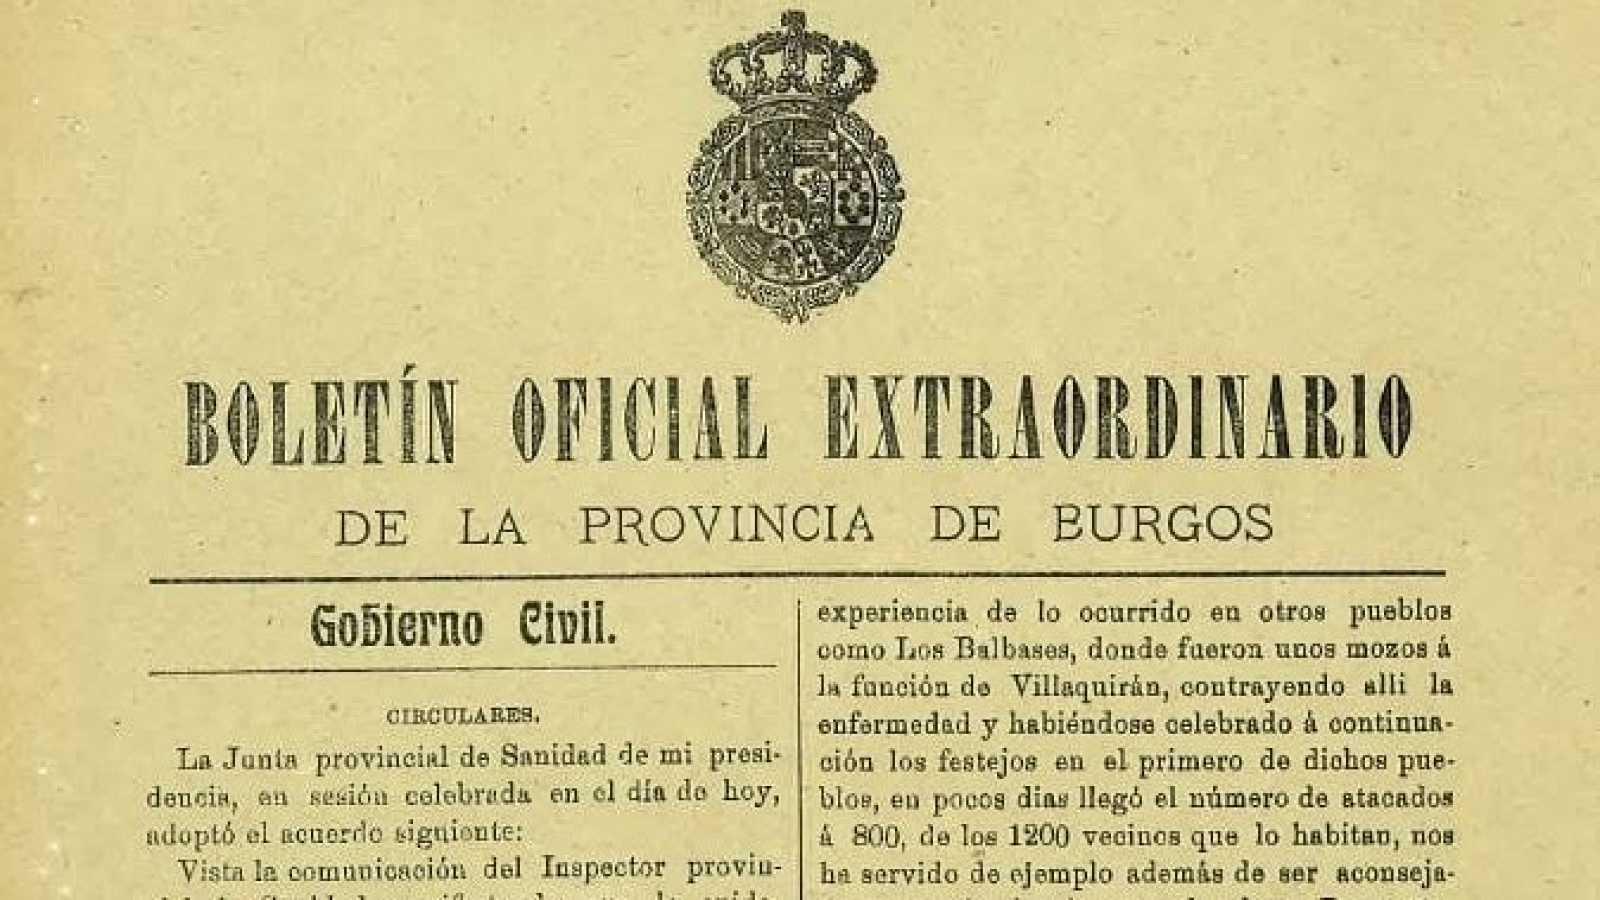 Imagen del Boletín Oficial Extraordinario de la provincia de Burgos correspondiente a 1918.